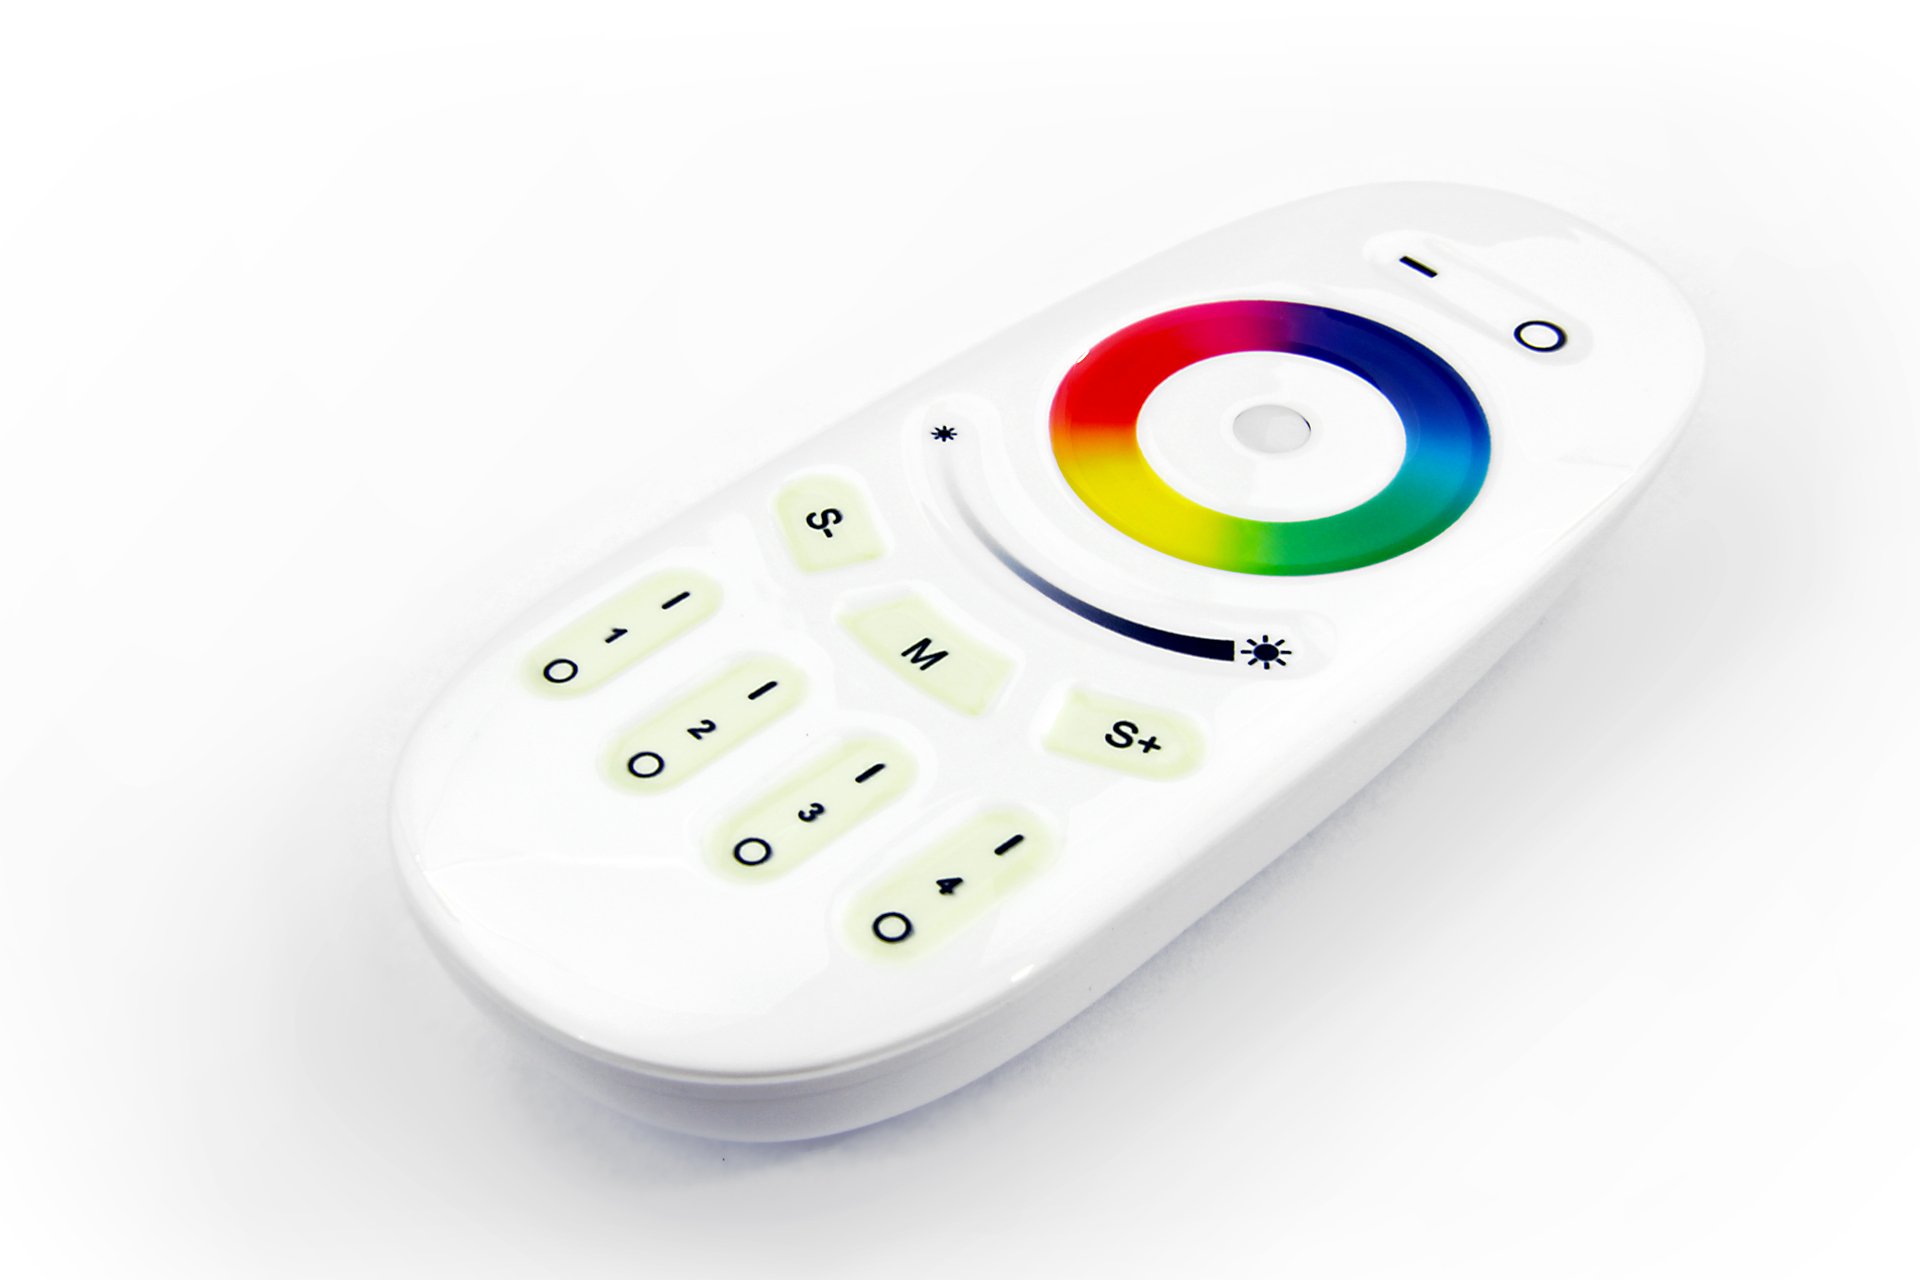 dw remote